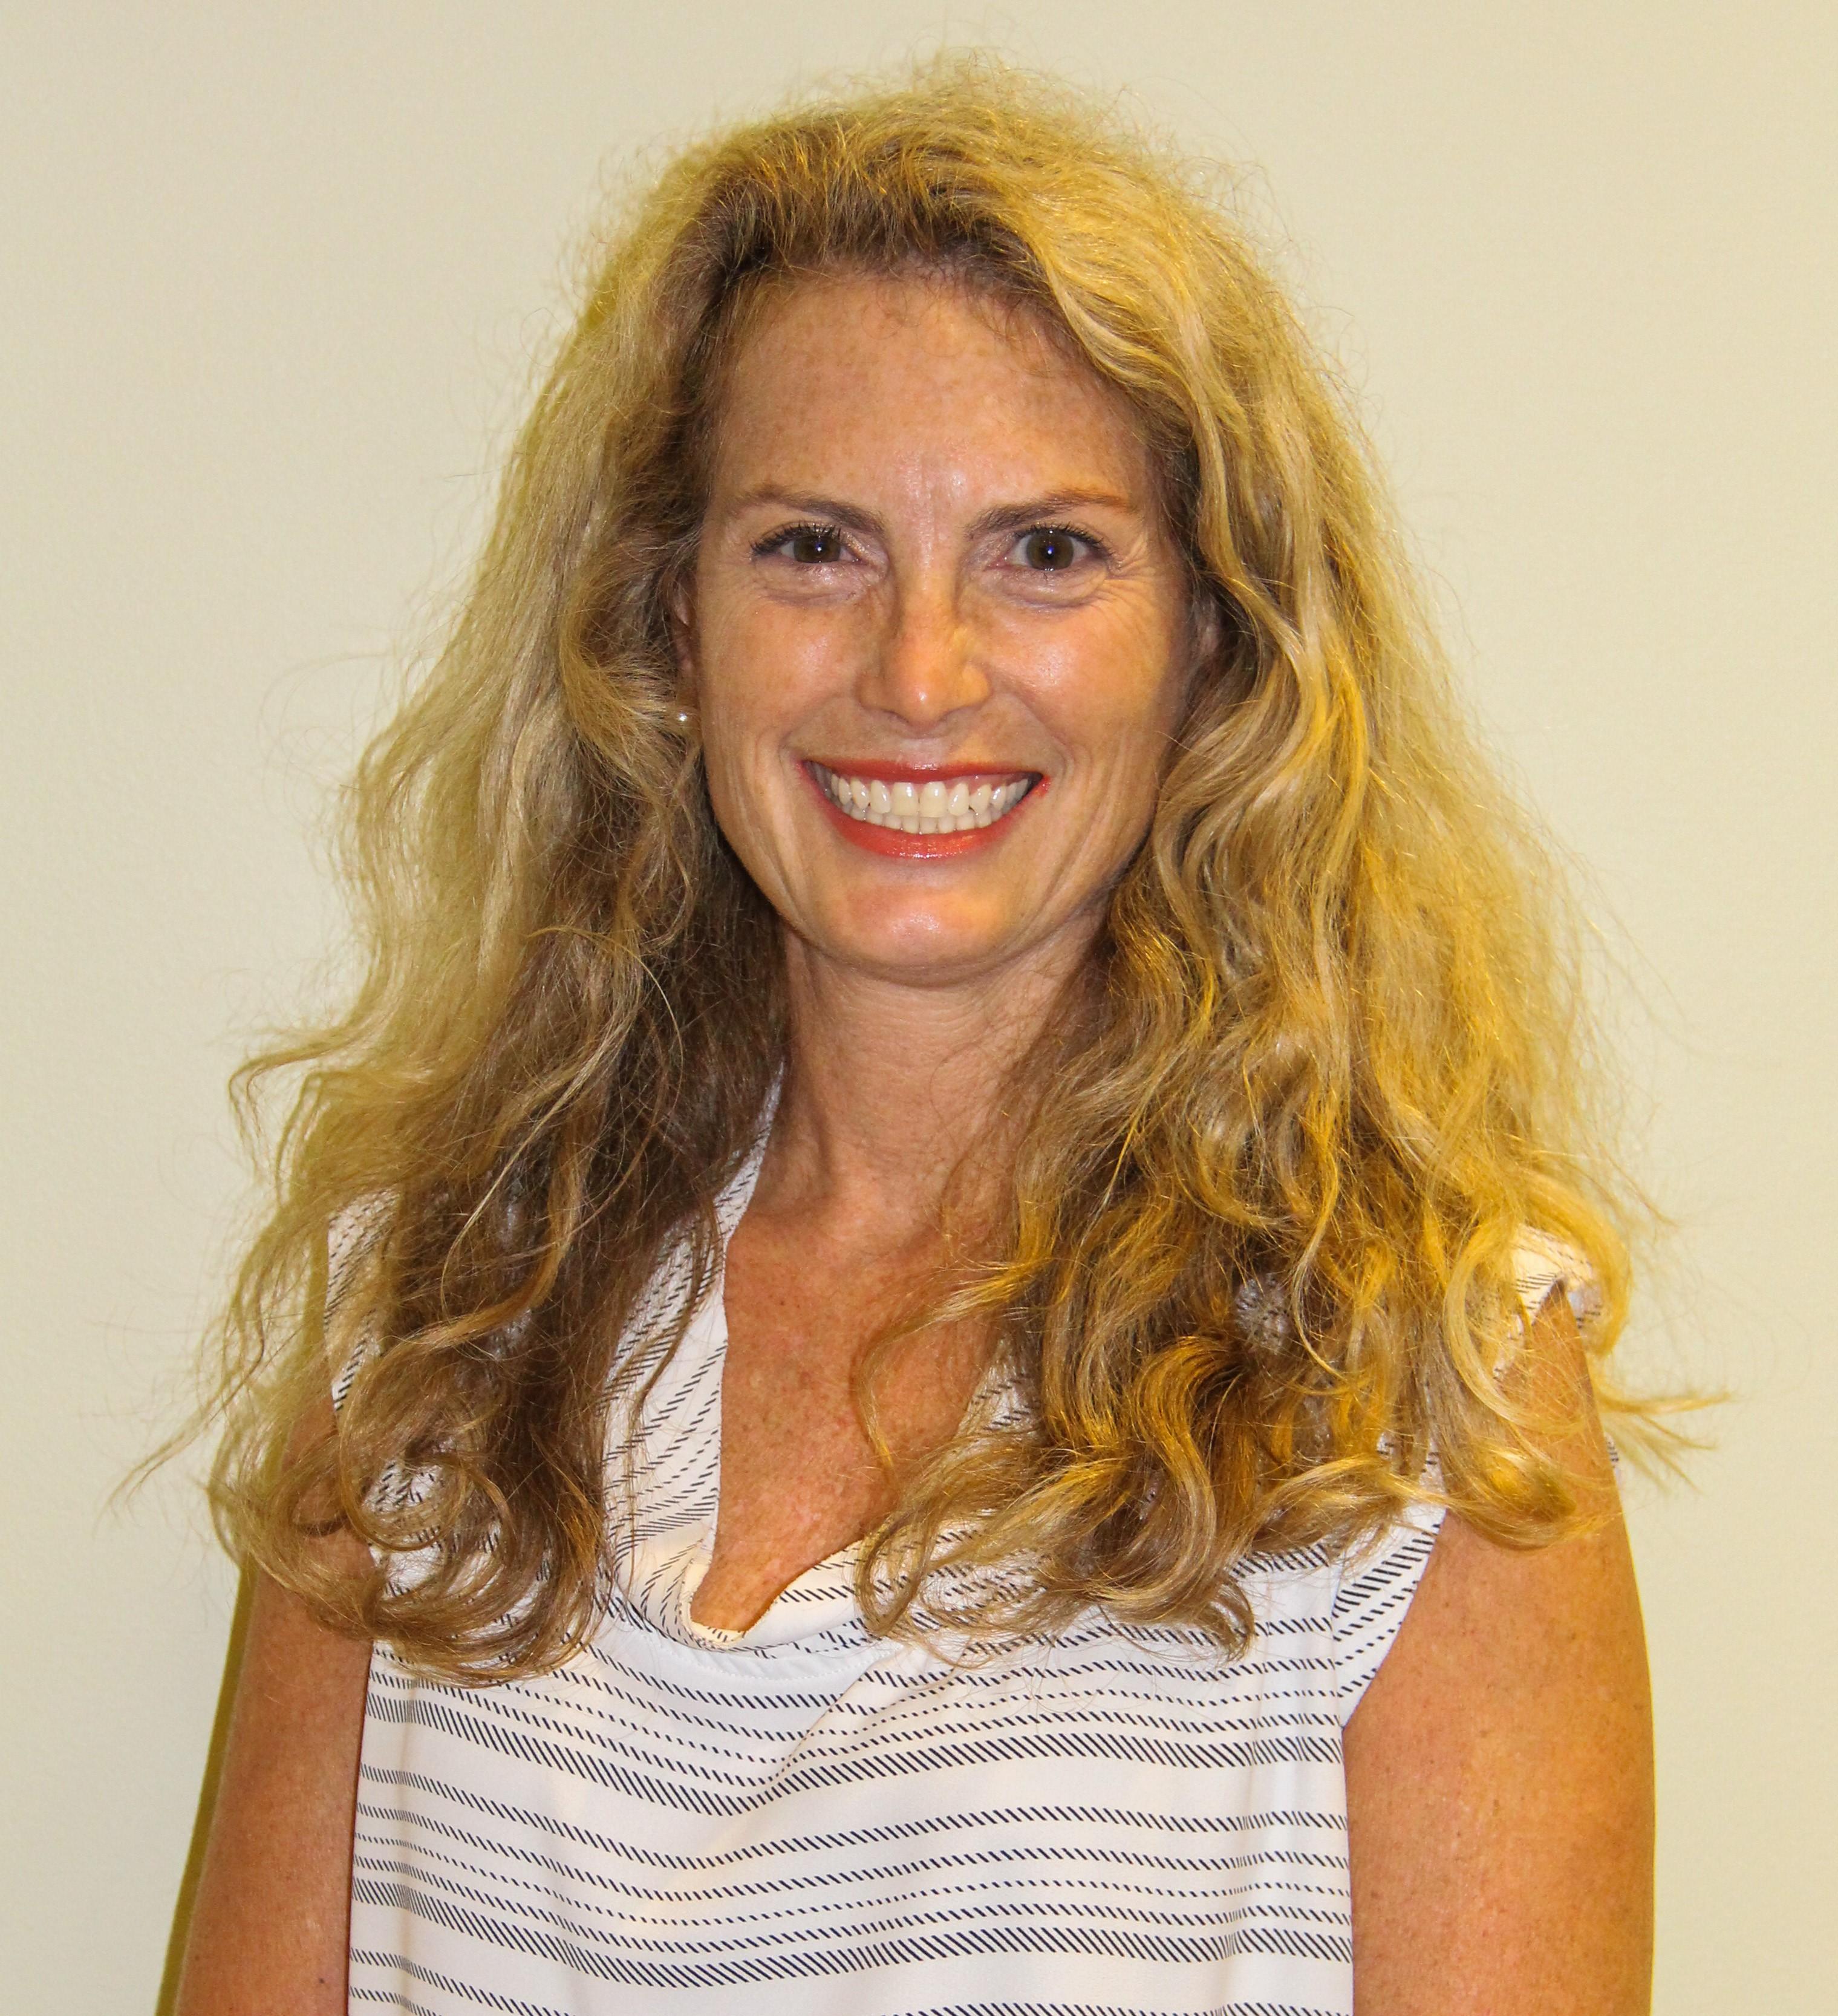 Renee Cavanaugh